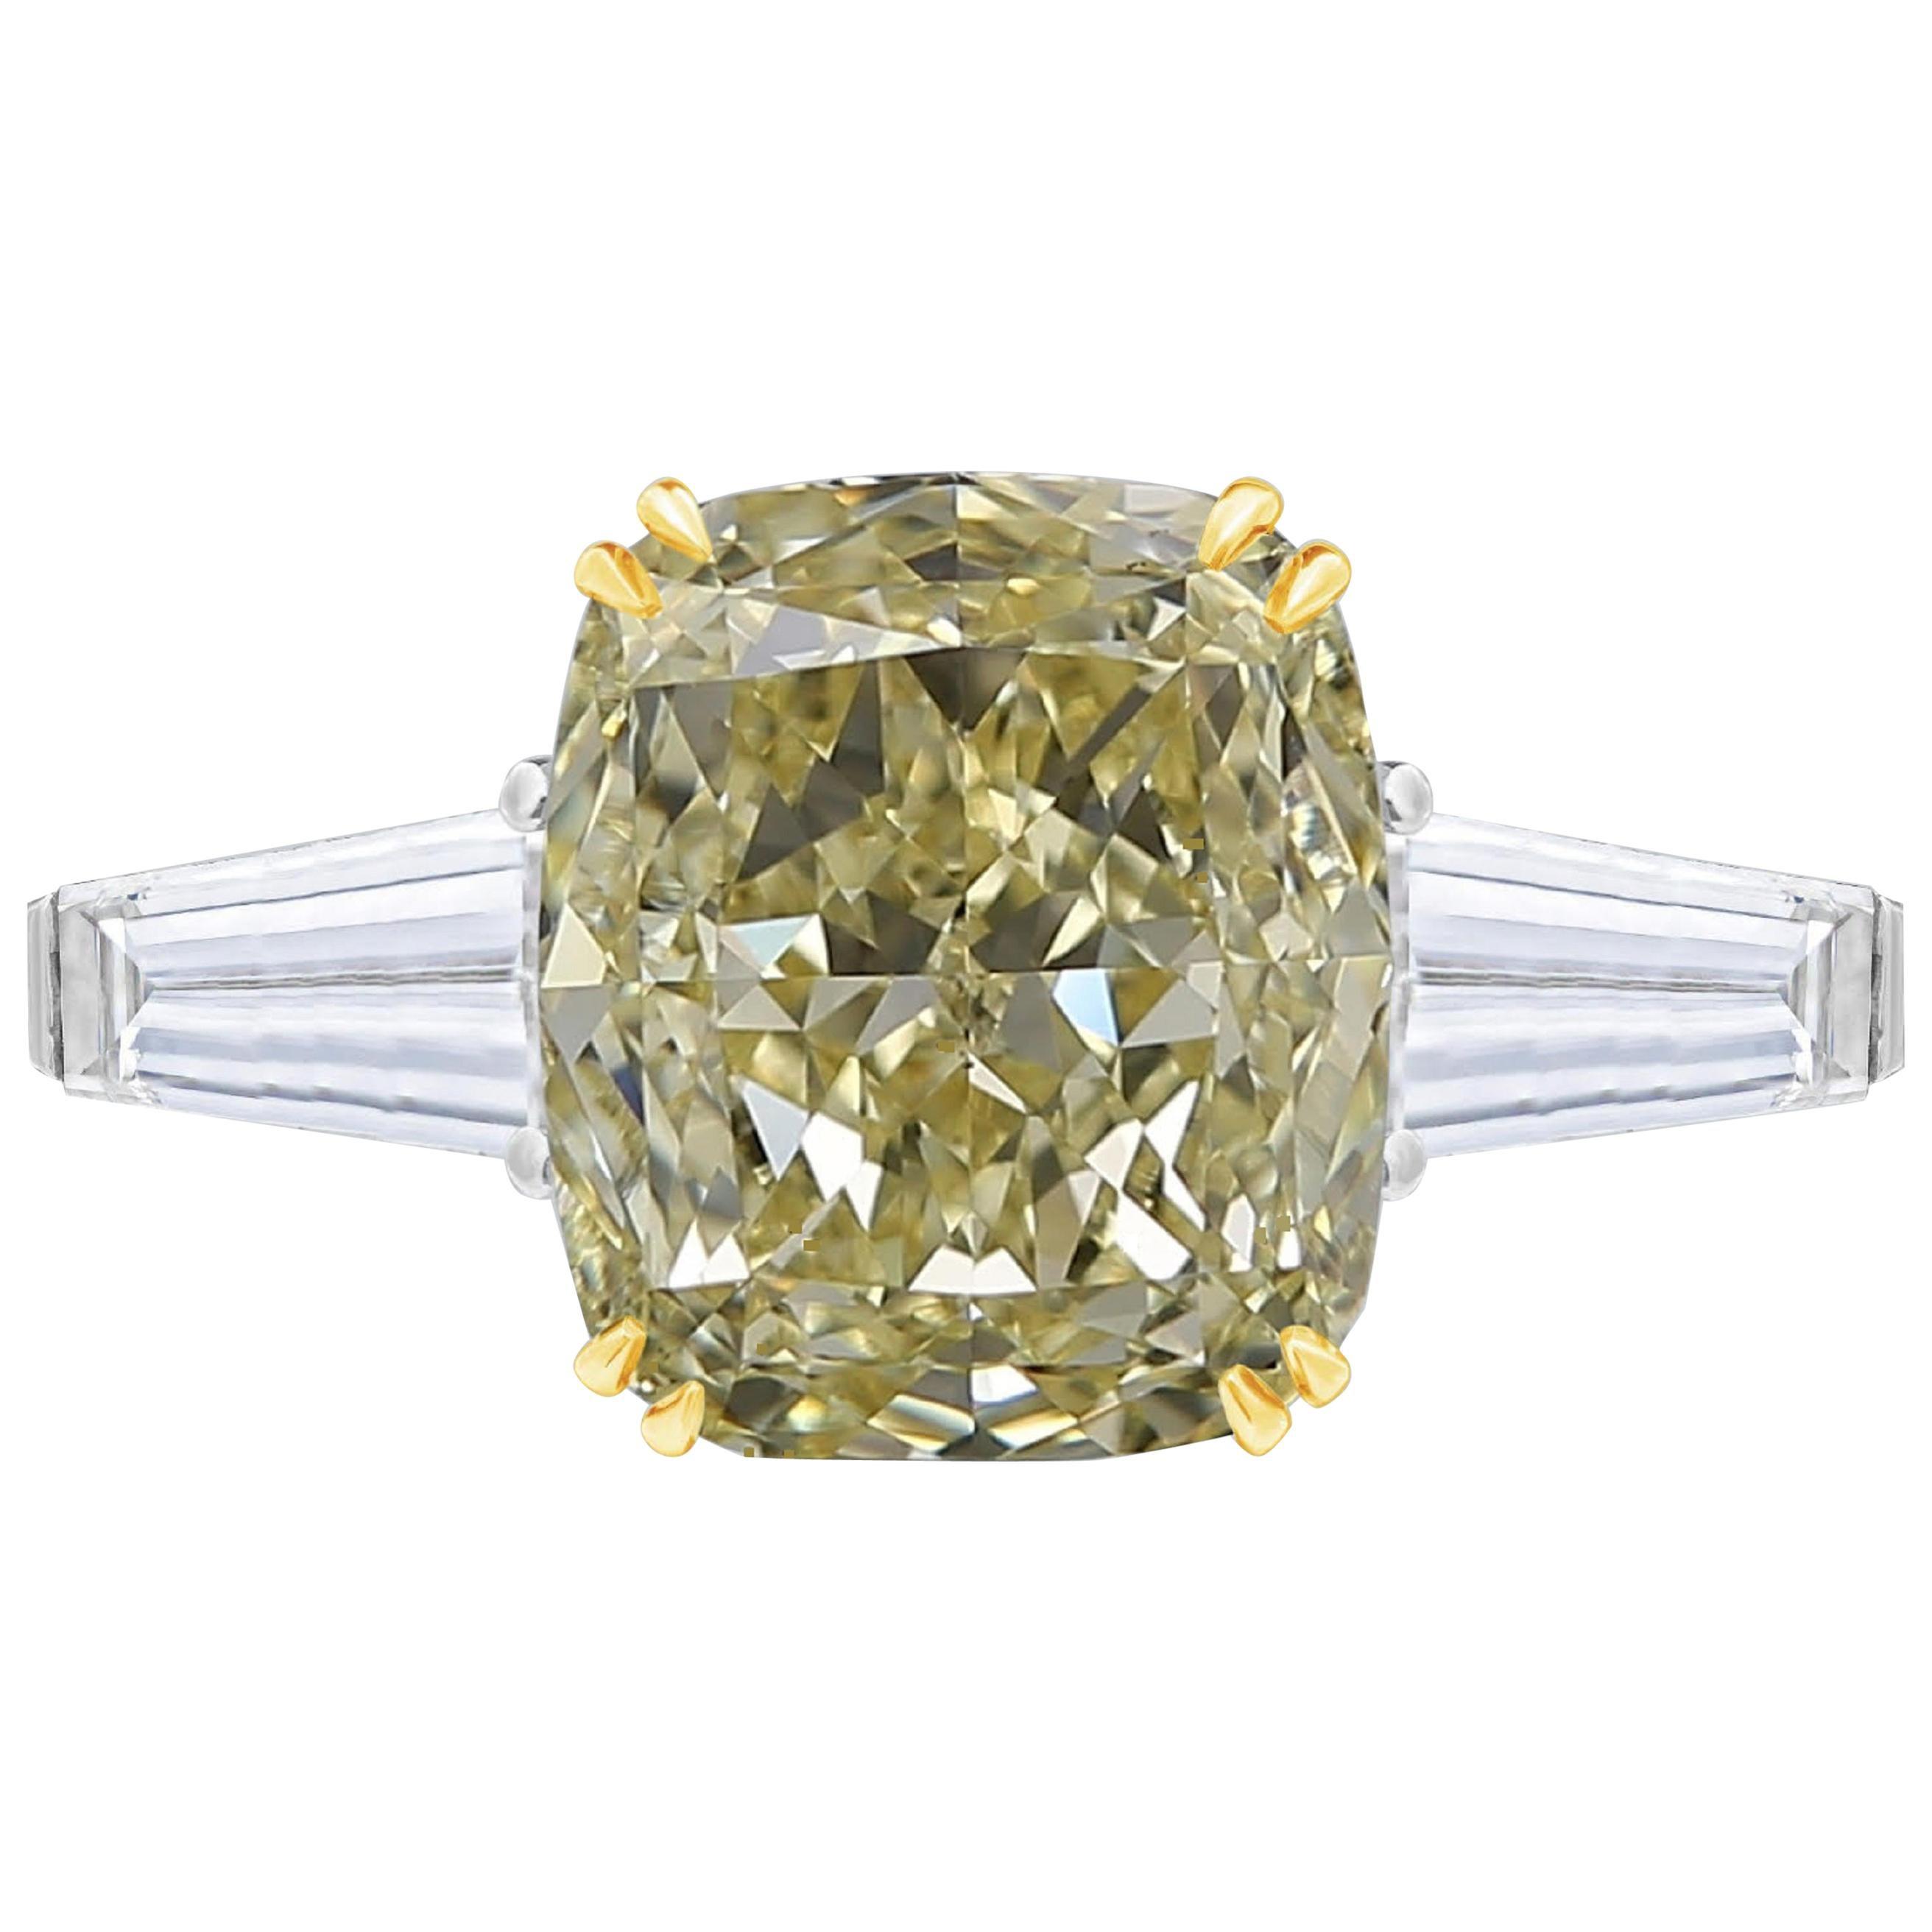 GIA Certified 2.50 Carat Fancy Yellow Cushion Diamond Ring